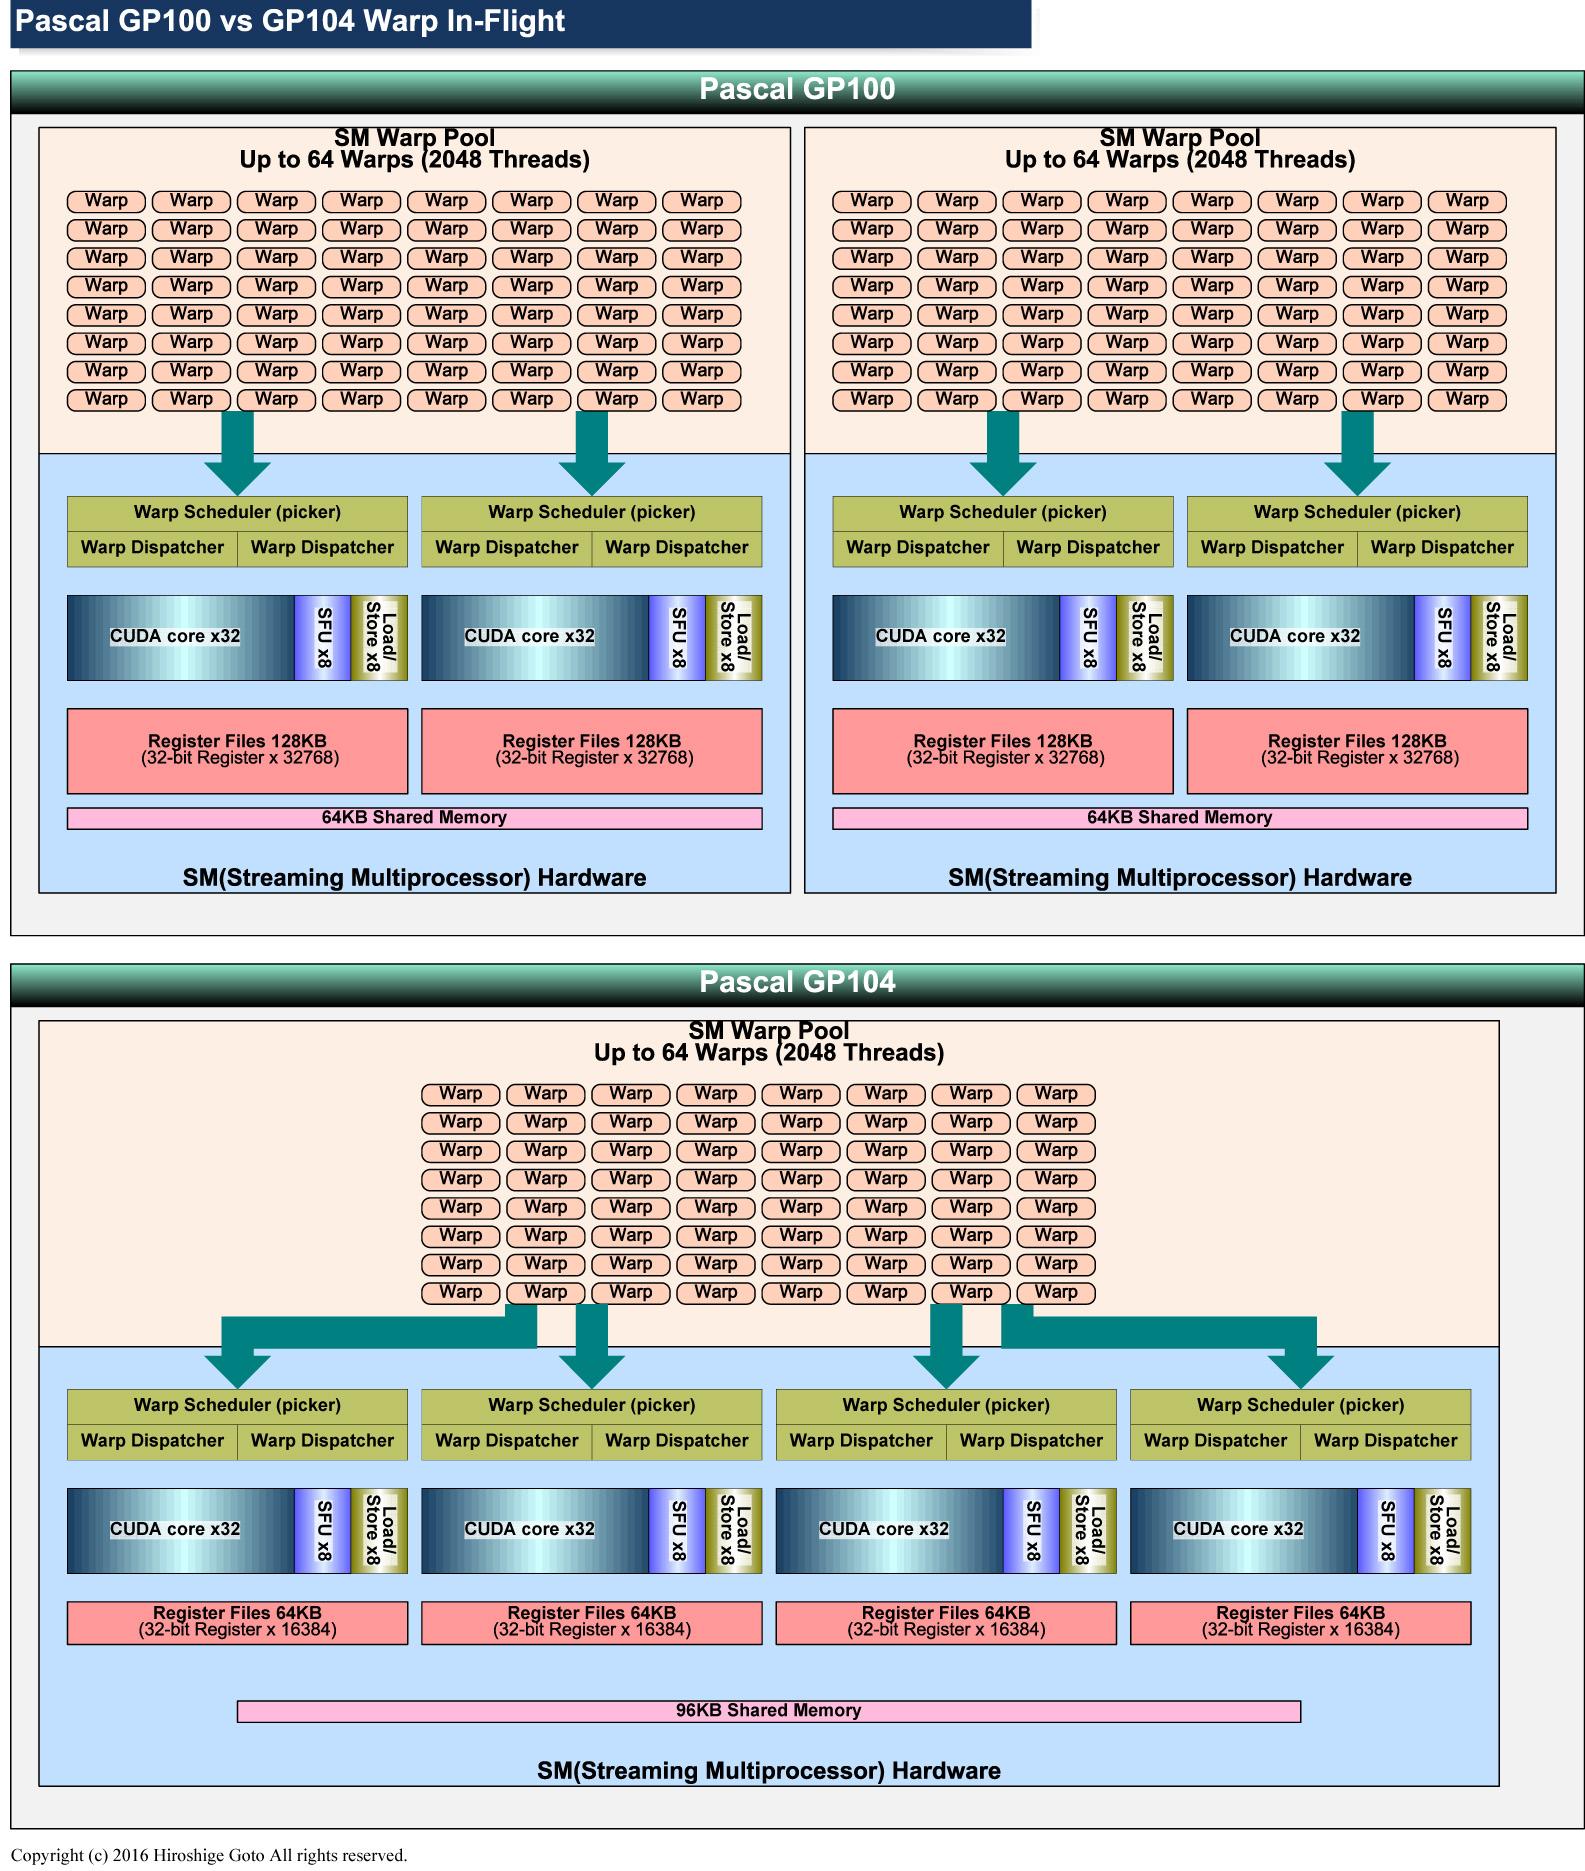 """GP100はGP104やMaxwellに対して、プロセッシングブロックあたりのインフライトWarp数が2倍になっている<br class="""""""">PDF版は<span class=""""img-inline raw""""><a href=""""/video/pcw/docs/757/916/p8.pdf"""" ipw_status=""""1"""" ipw_linktype=""""filelink_raw"""" class=""""resource"""">こちら</a></span>"""